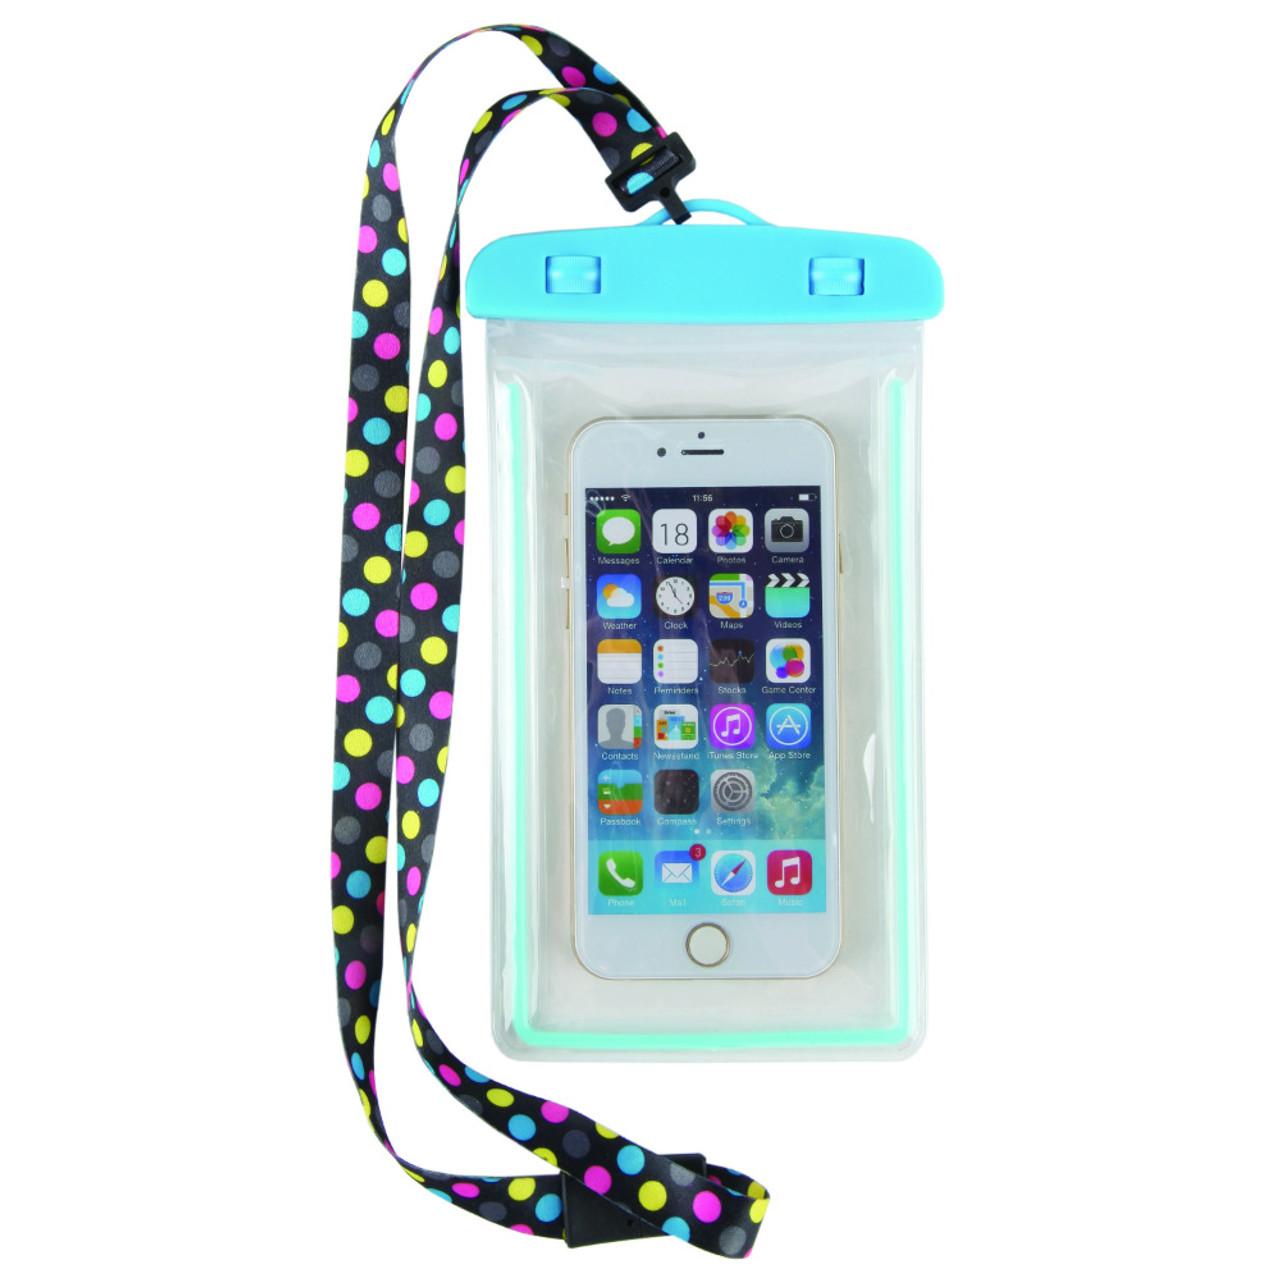 buy online 4914a 28e43 Aqua Dot Waterproof Phone Case Lanyard